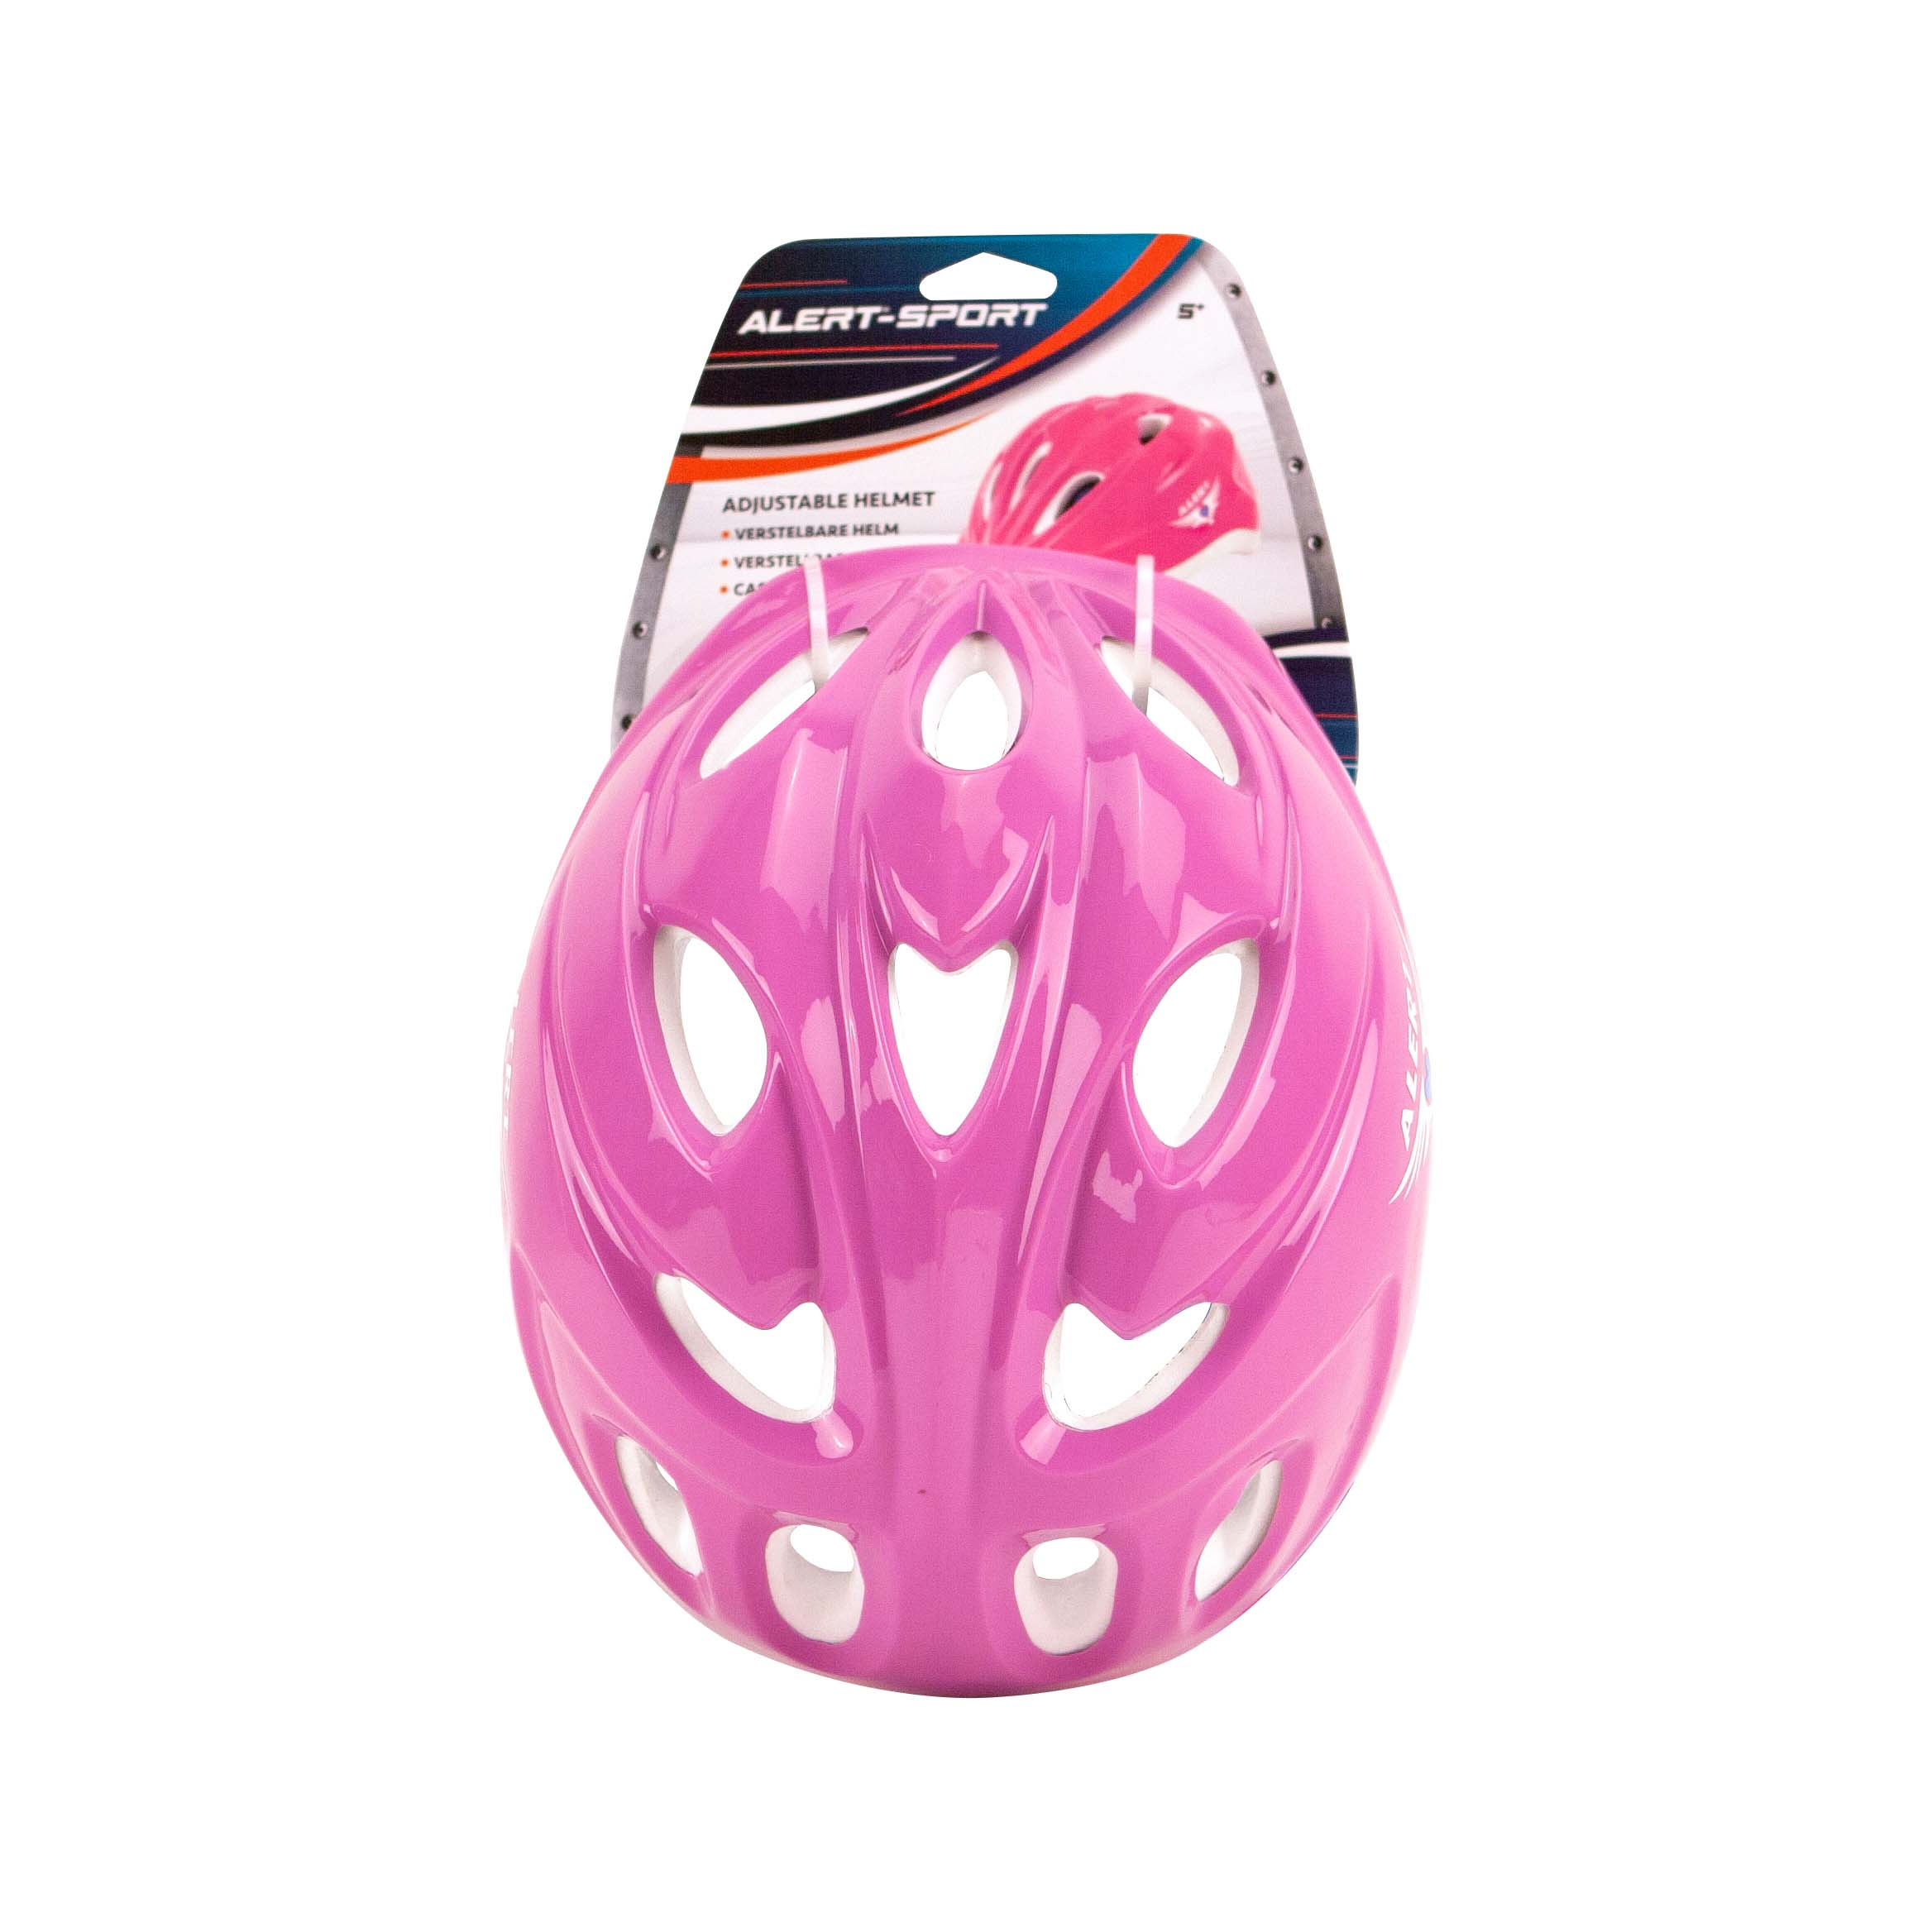 Helm Verstelbaar Roze Alert